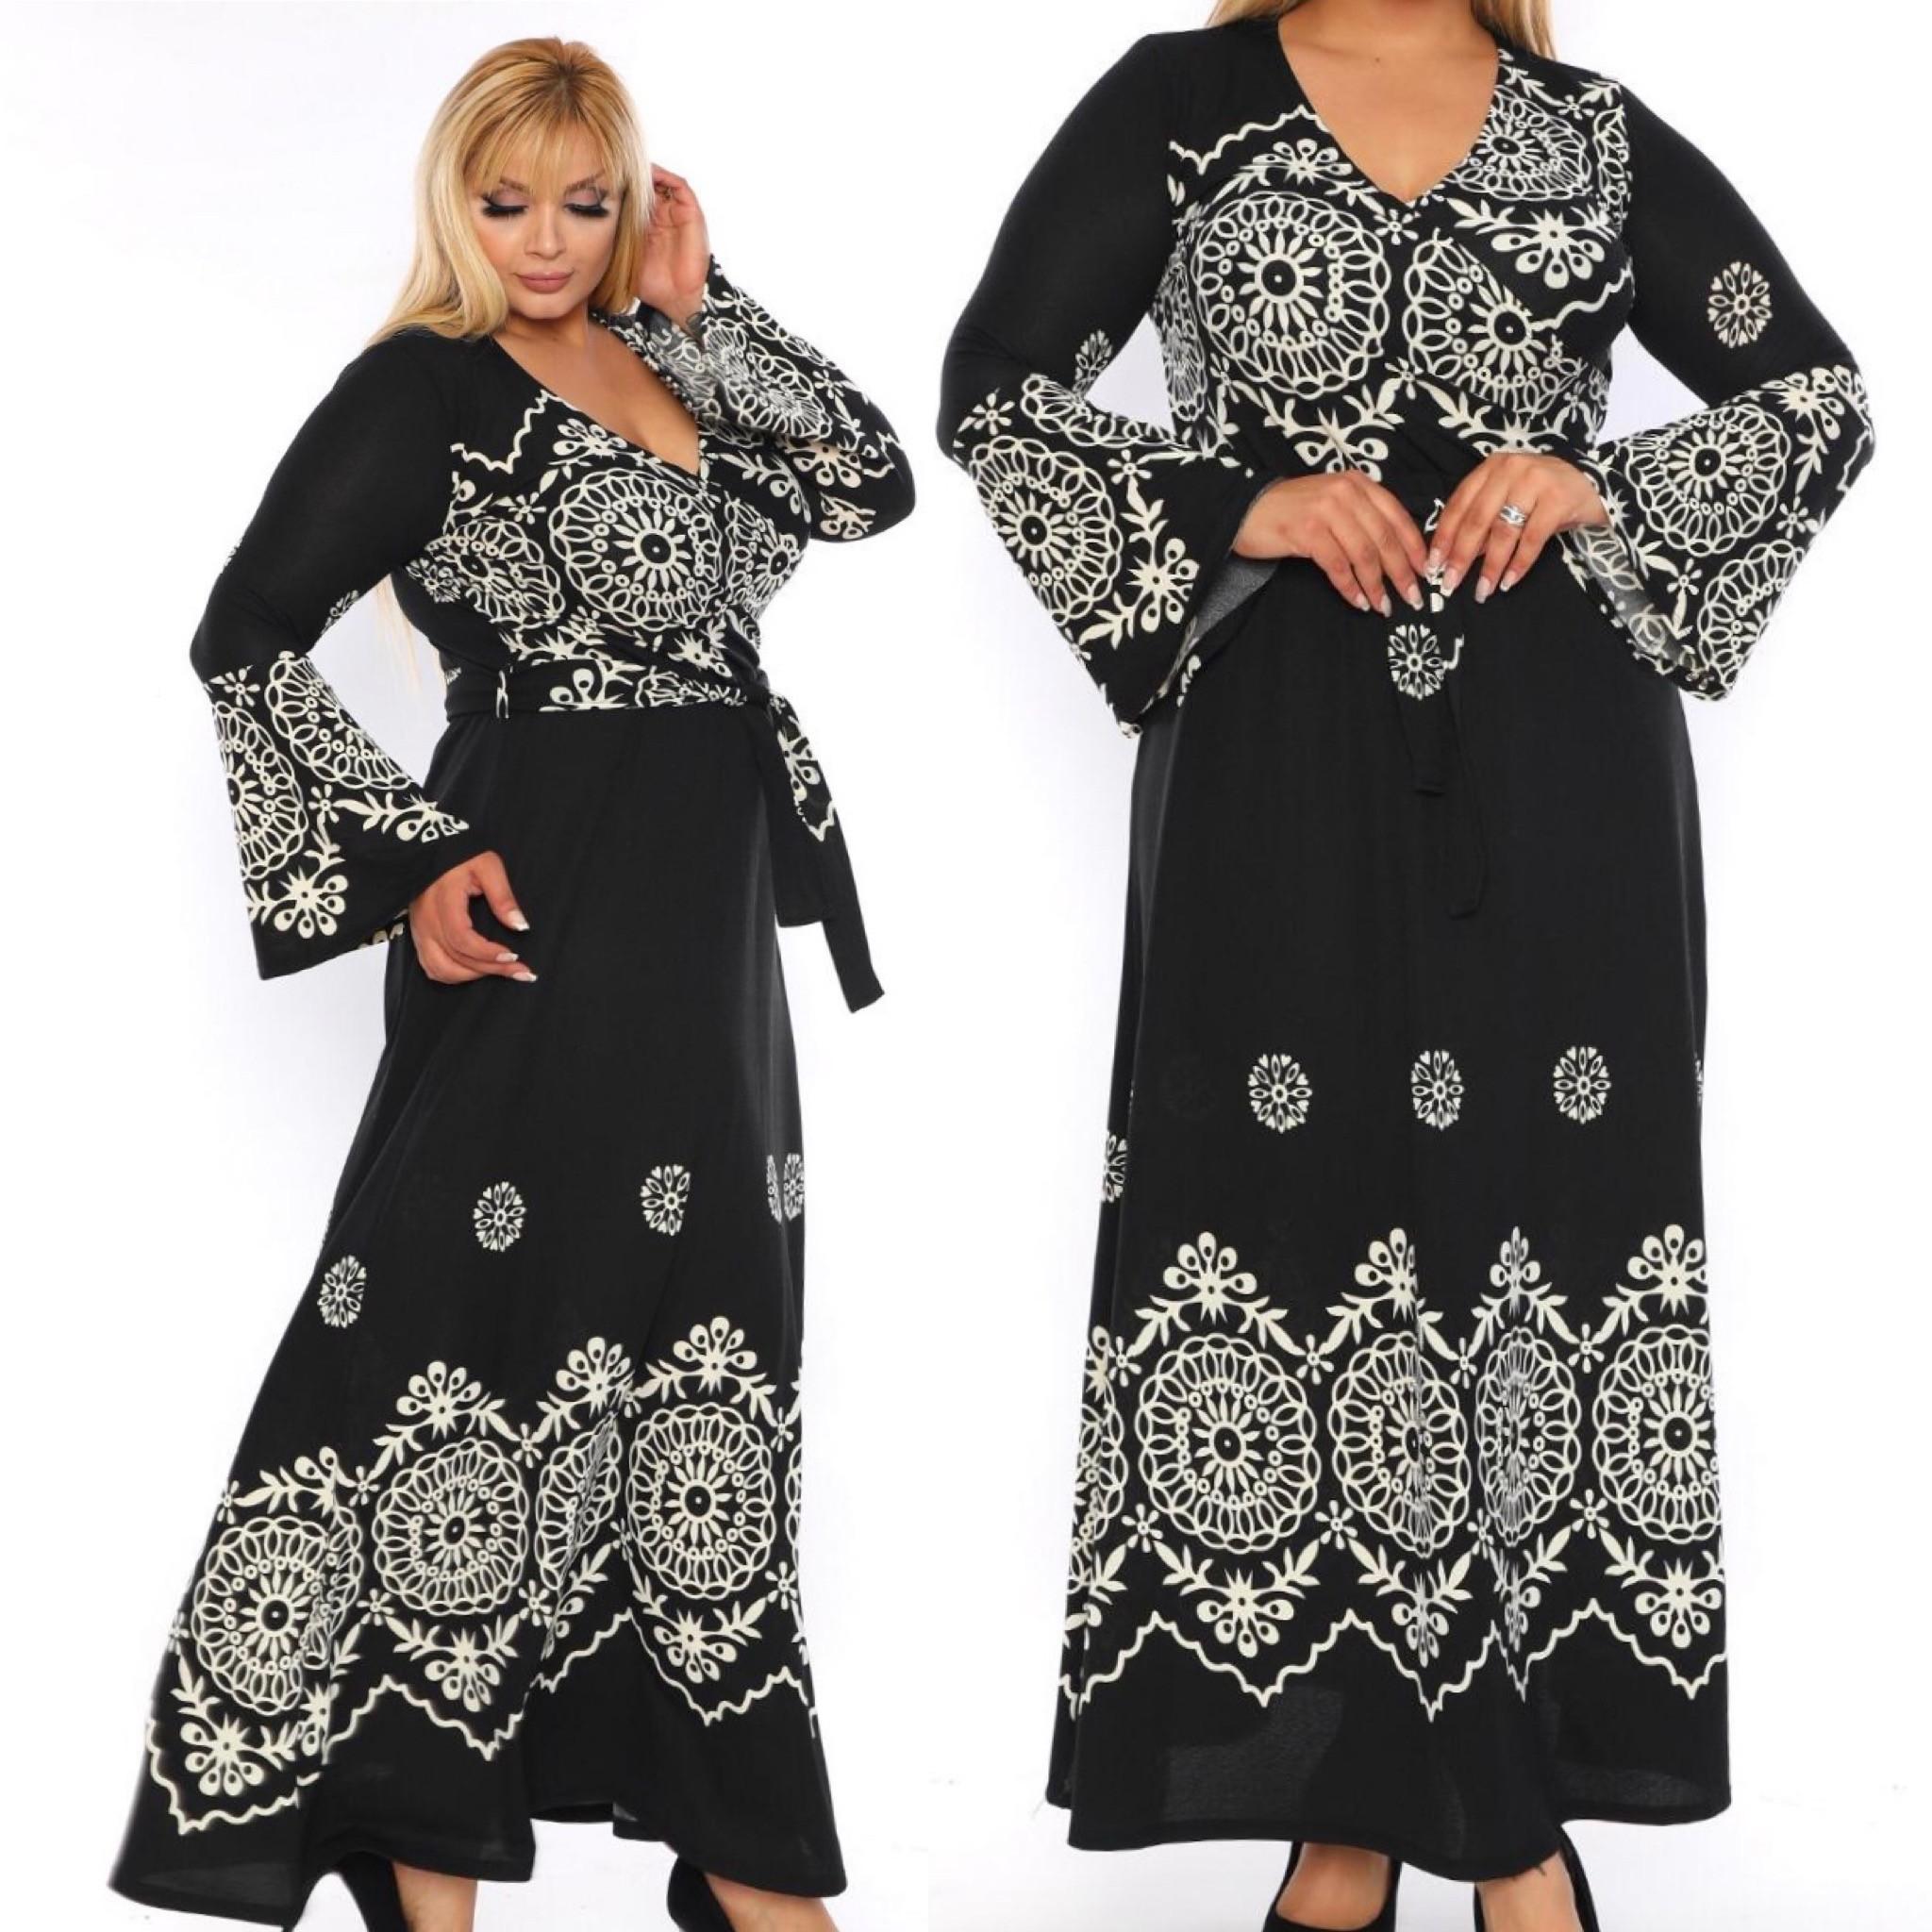 Rochie neagra lunga cu imprimeu alb - Crina 3